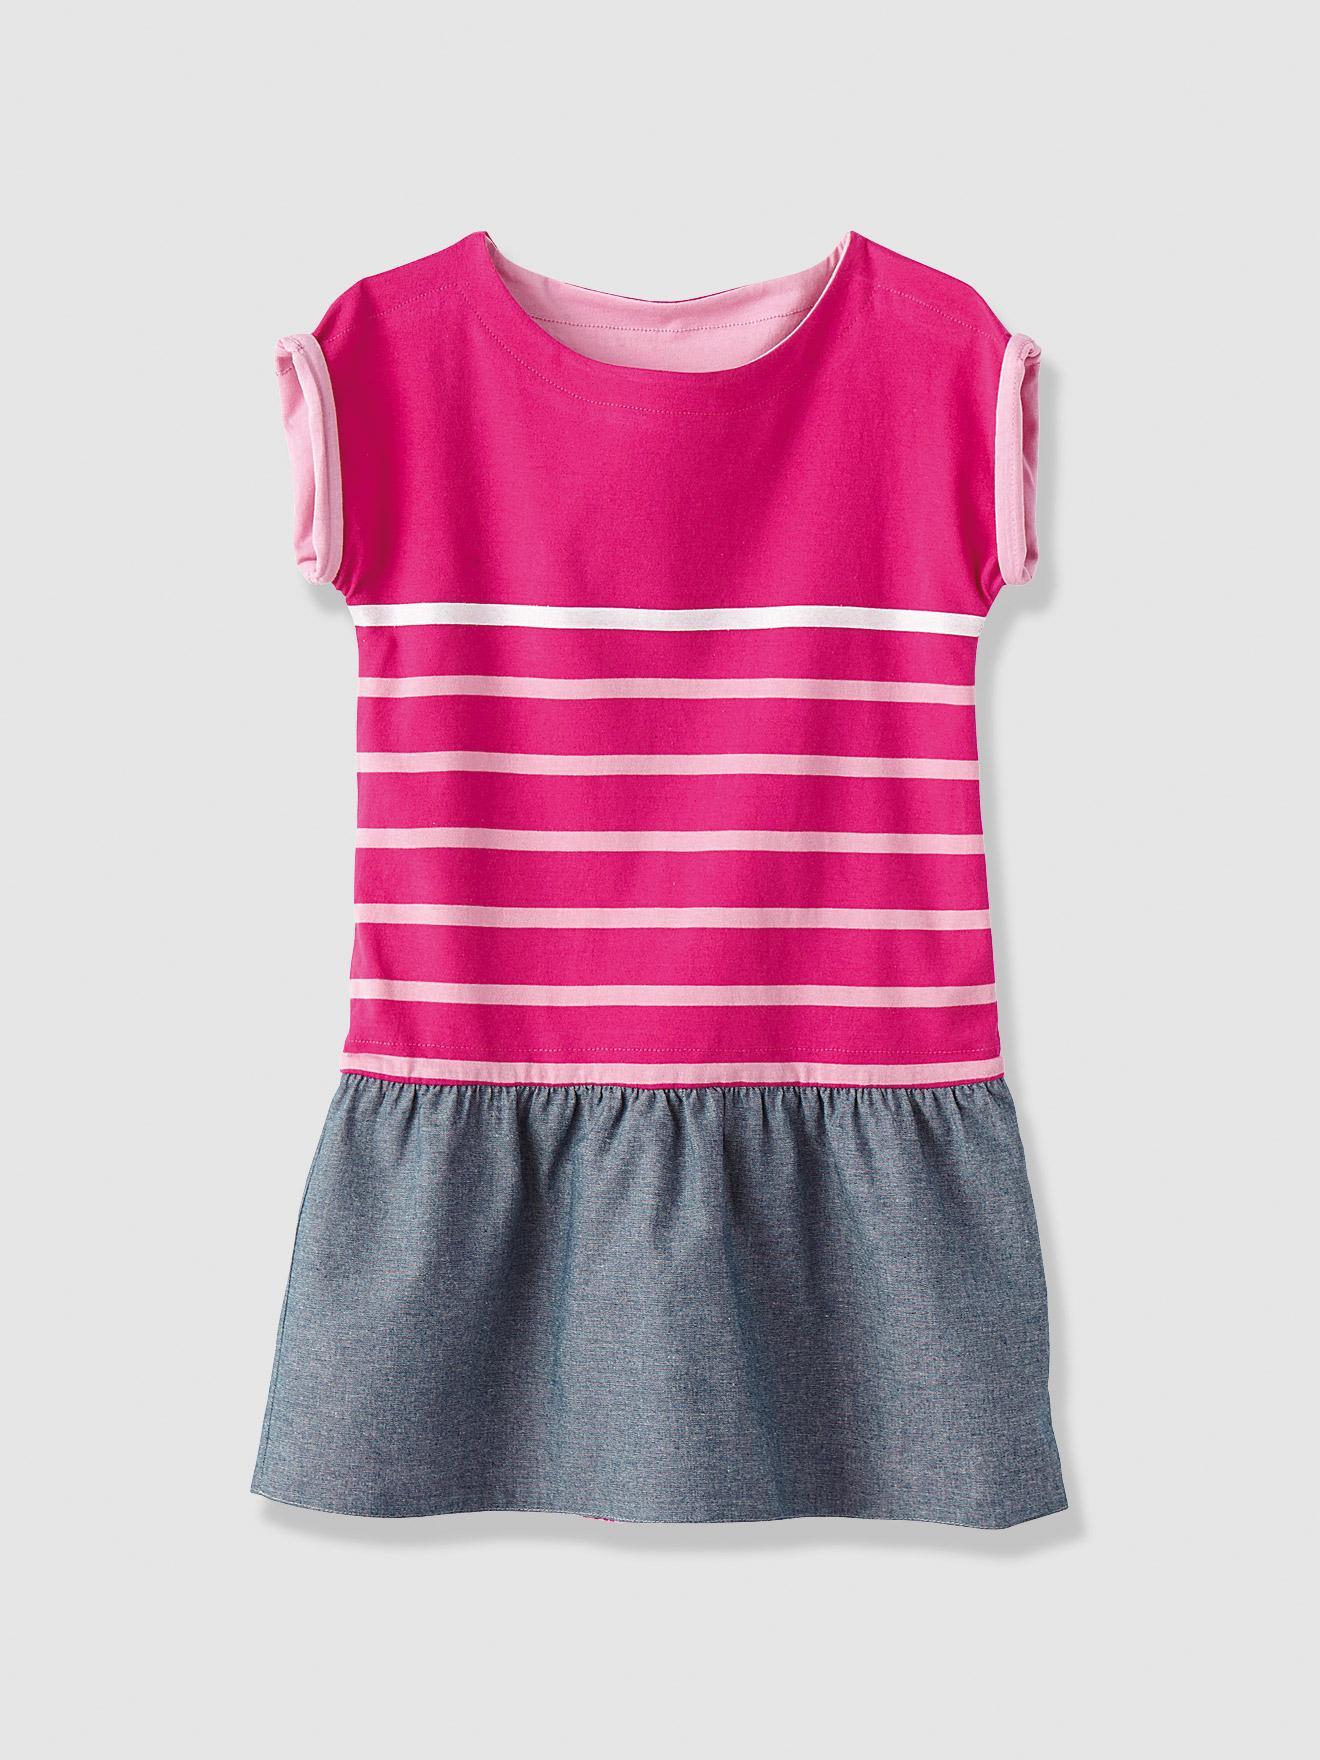 [Adhérents Club] Sélection d'articles pour Enfants en promotion - Ex : robe fille réversible (rose magenta)